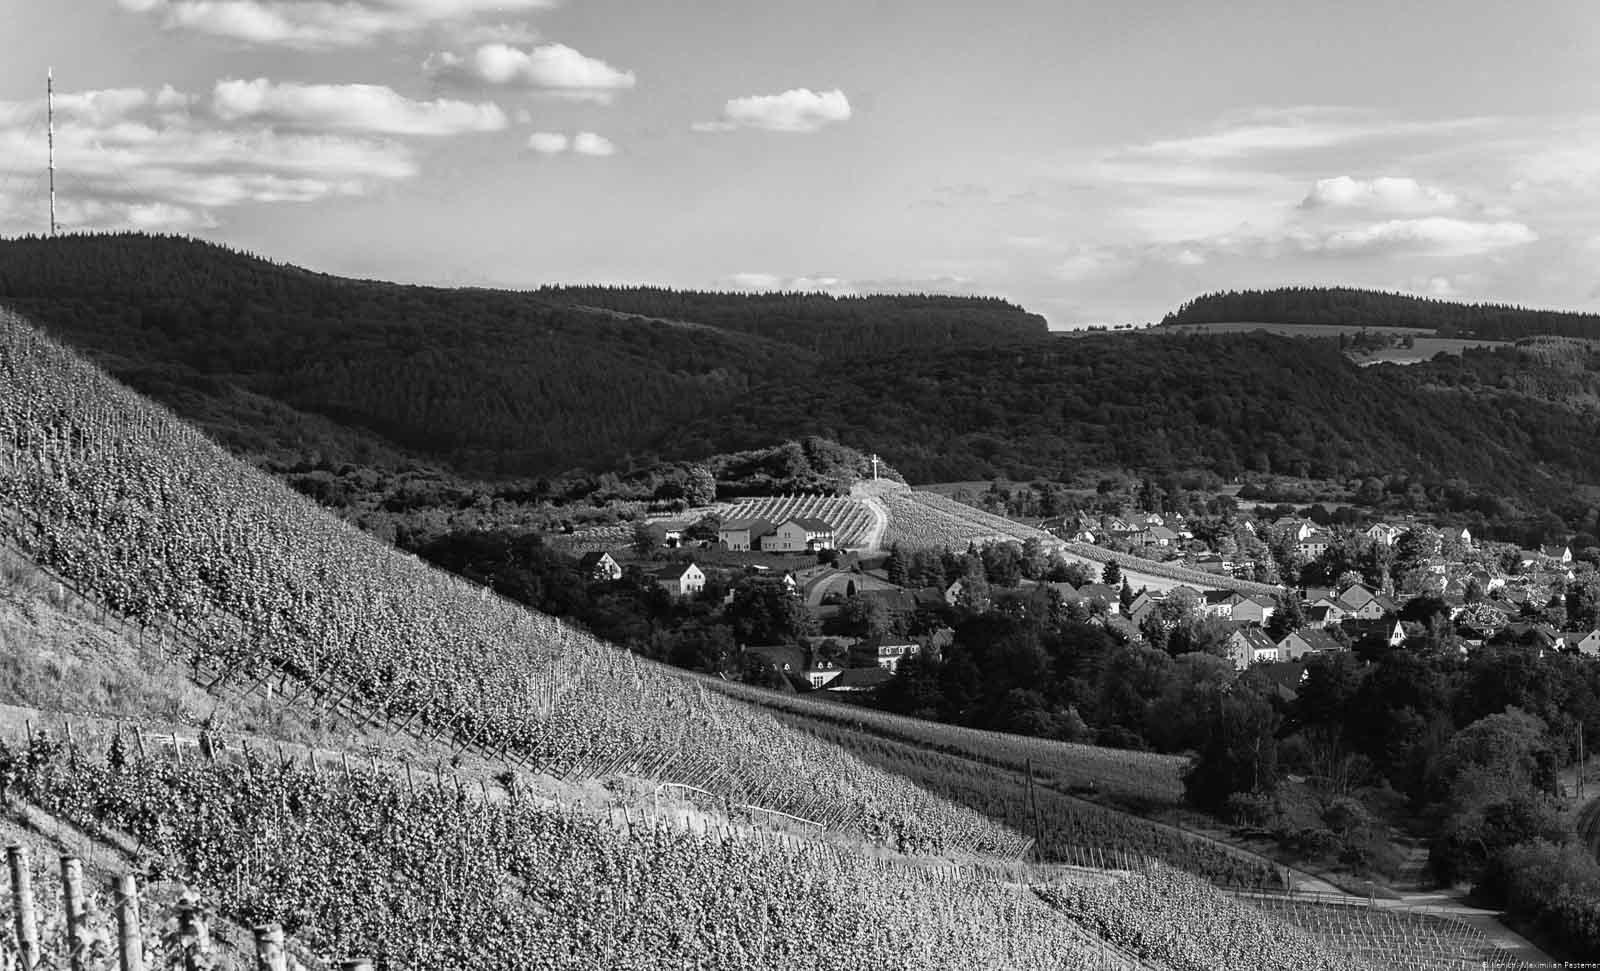 Das Kreuz auf dem Berg stellt das Ende des Weinbergs Wiltinger Gottesfuß dar